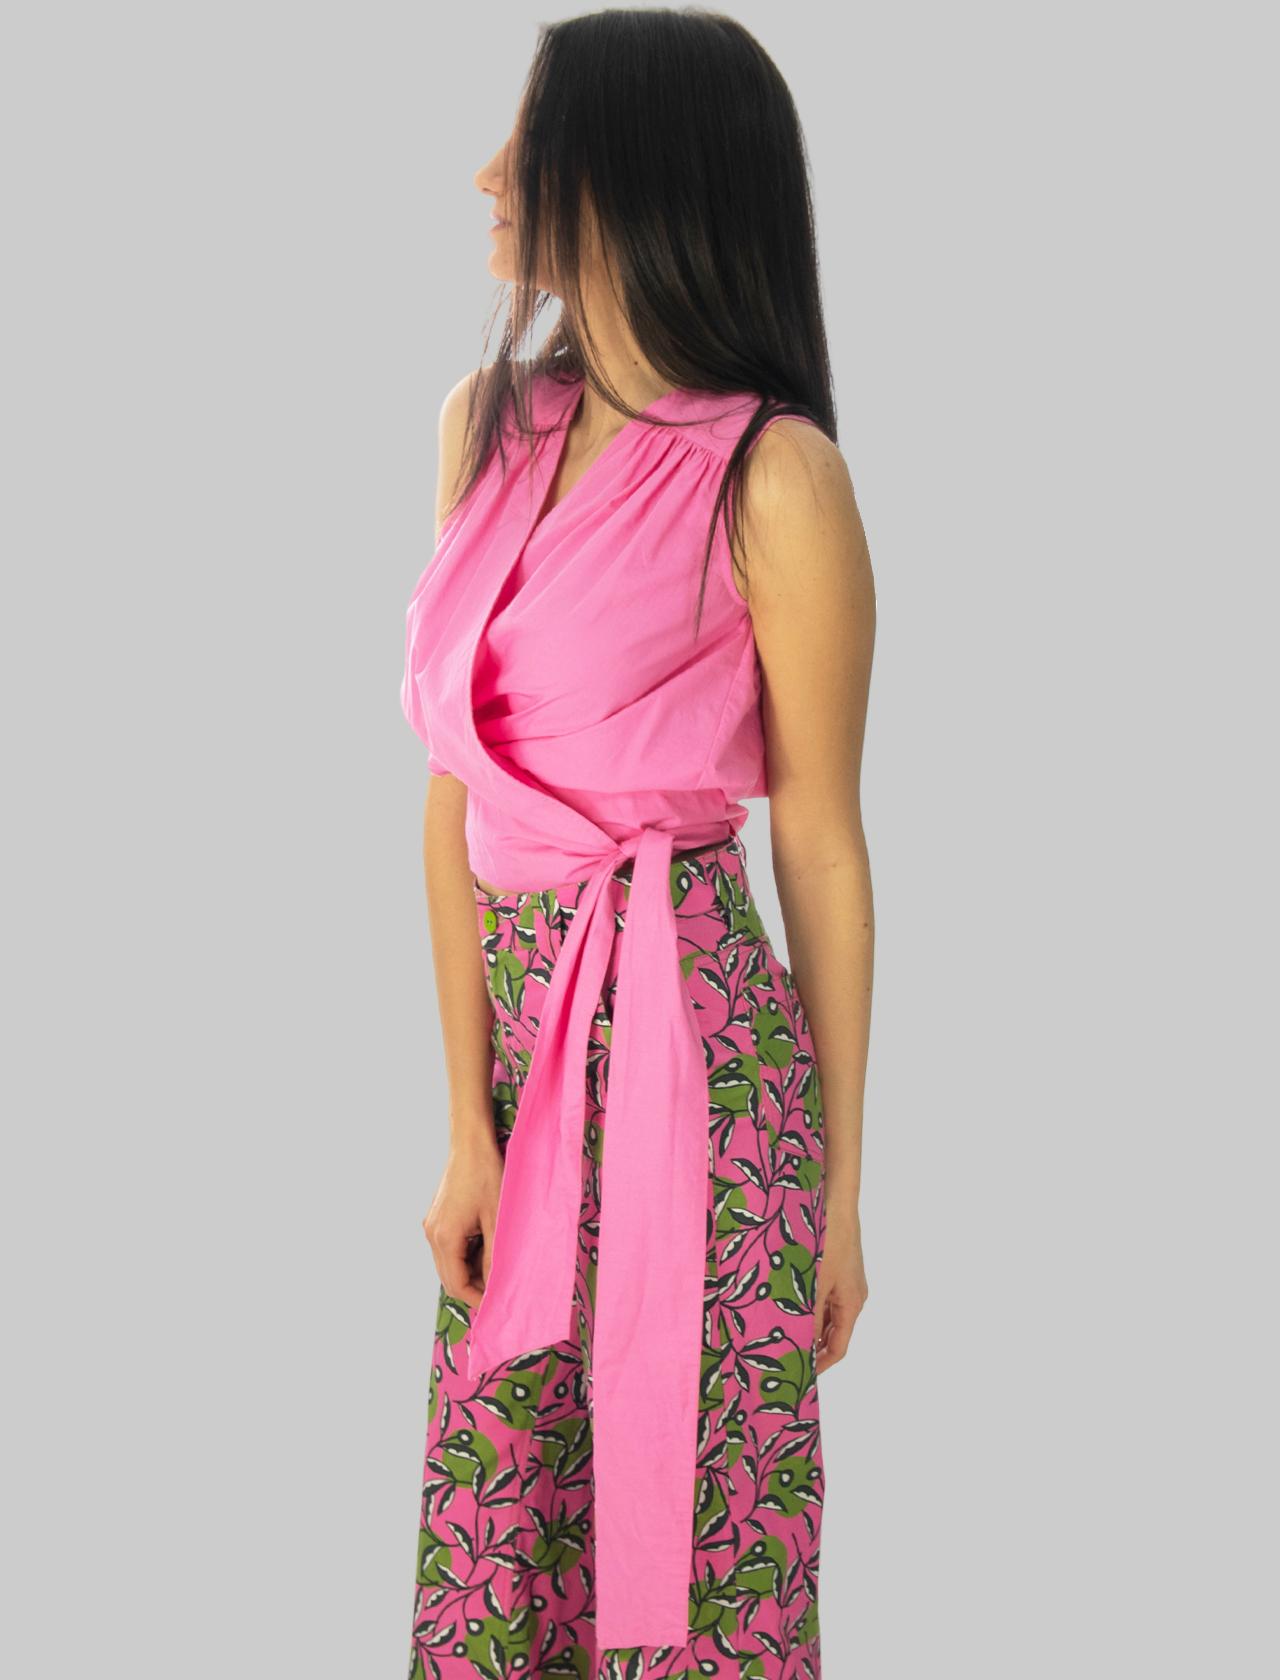 Abbigliamento Donna Top Soft Popeline in Rosa con Incrocio sul Seno e Fiocco Laterale Maliparmi | Camicie e Top | JP54061014332000